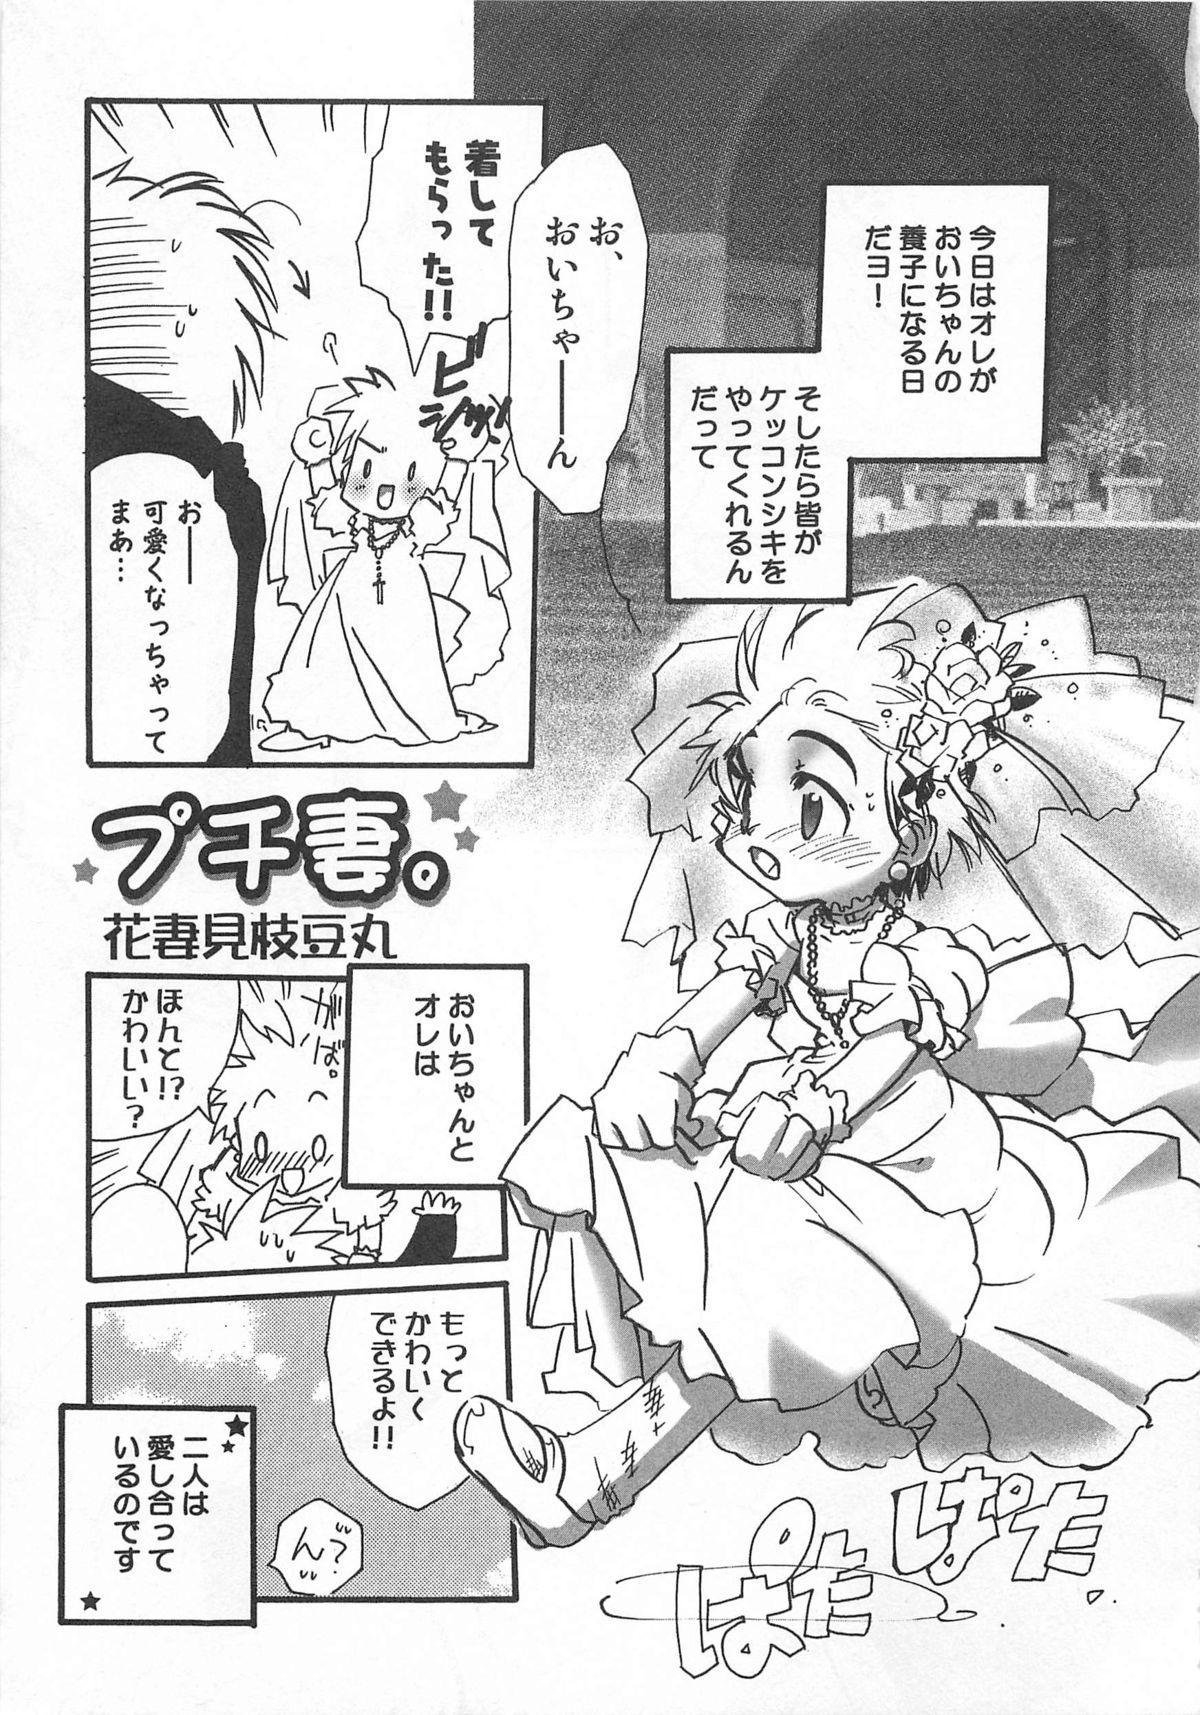 Otokonoko HEAVEN Vol. 01 Meganekko 79